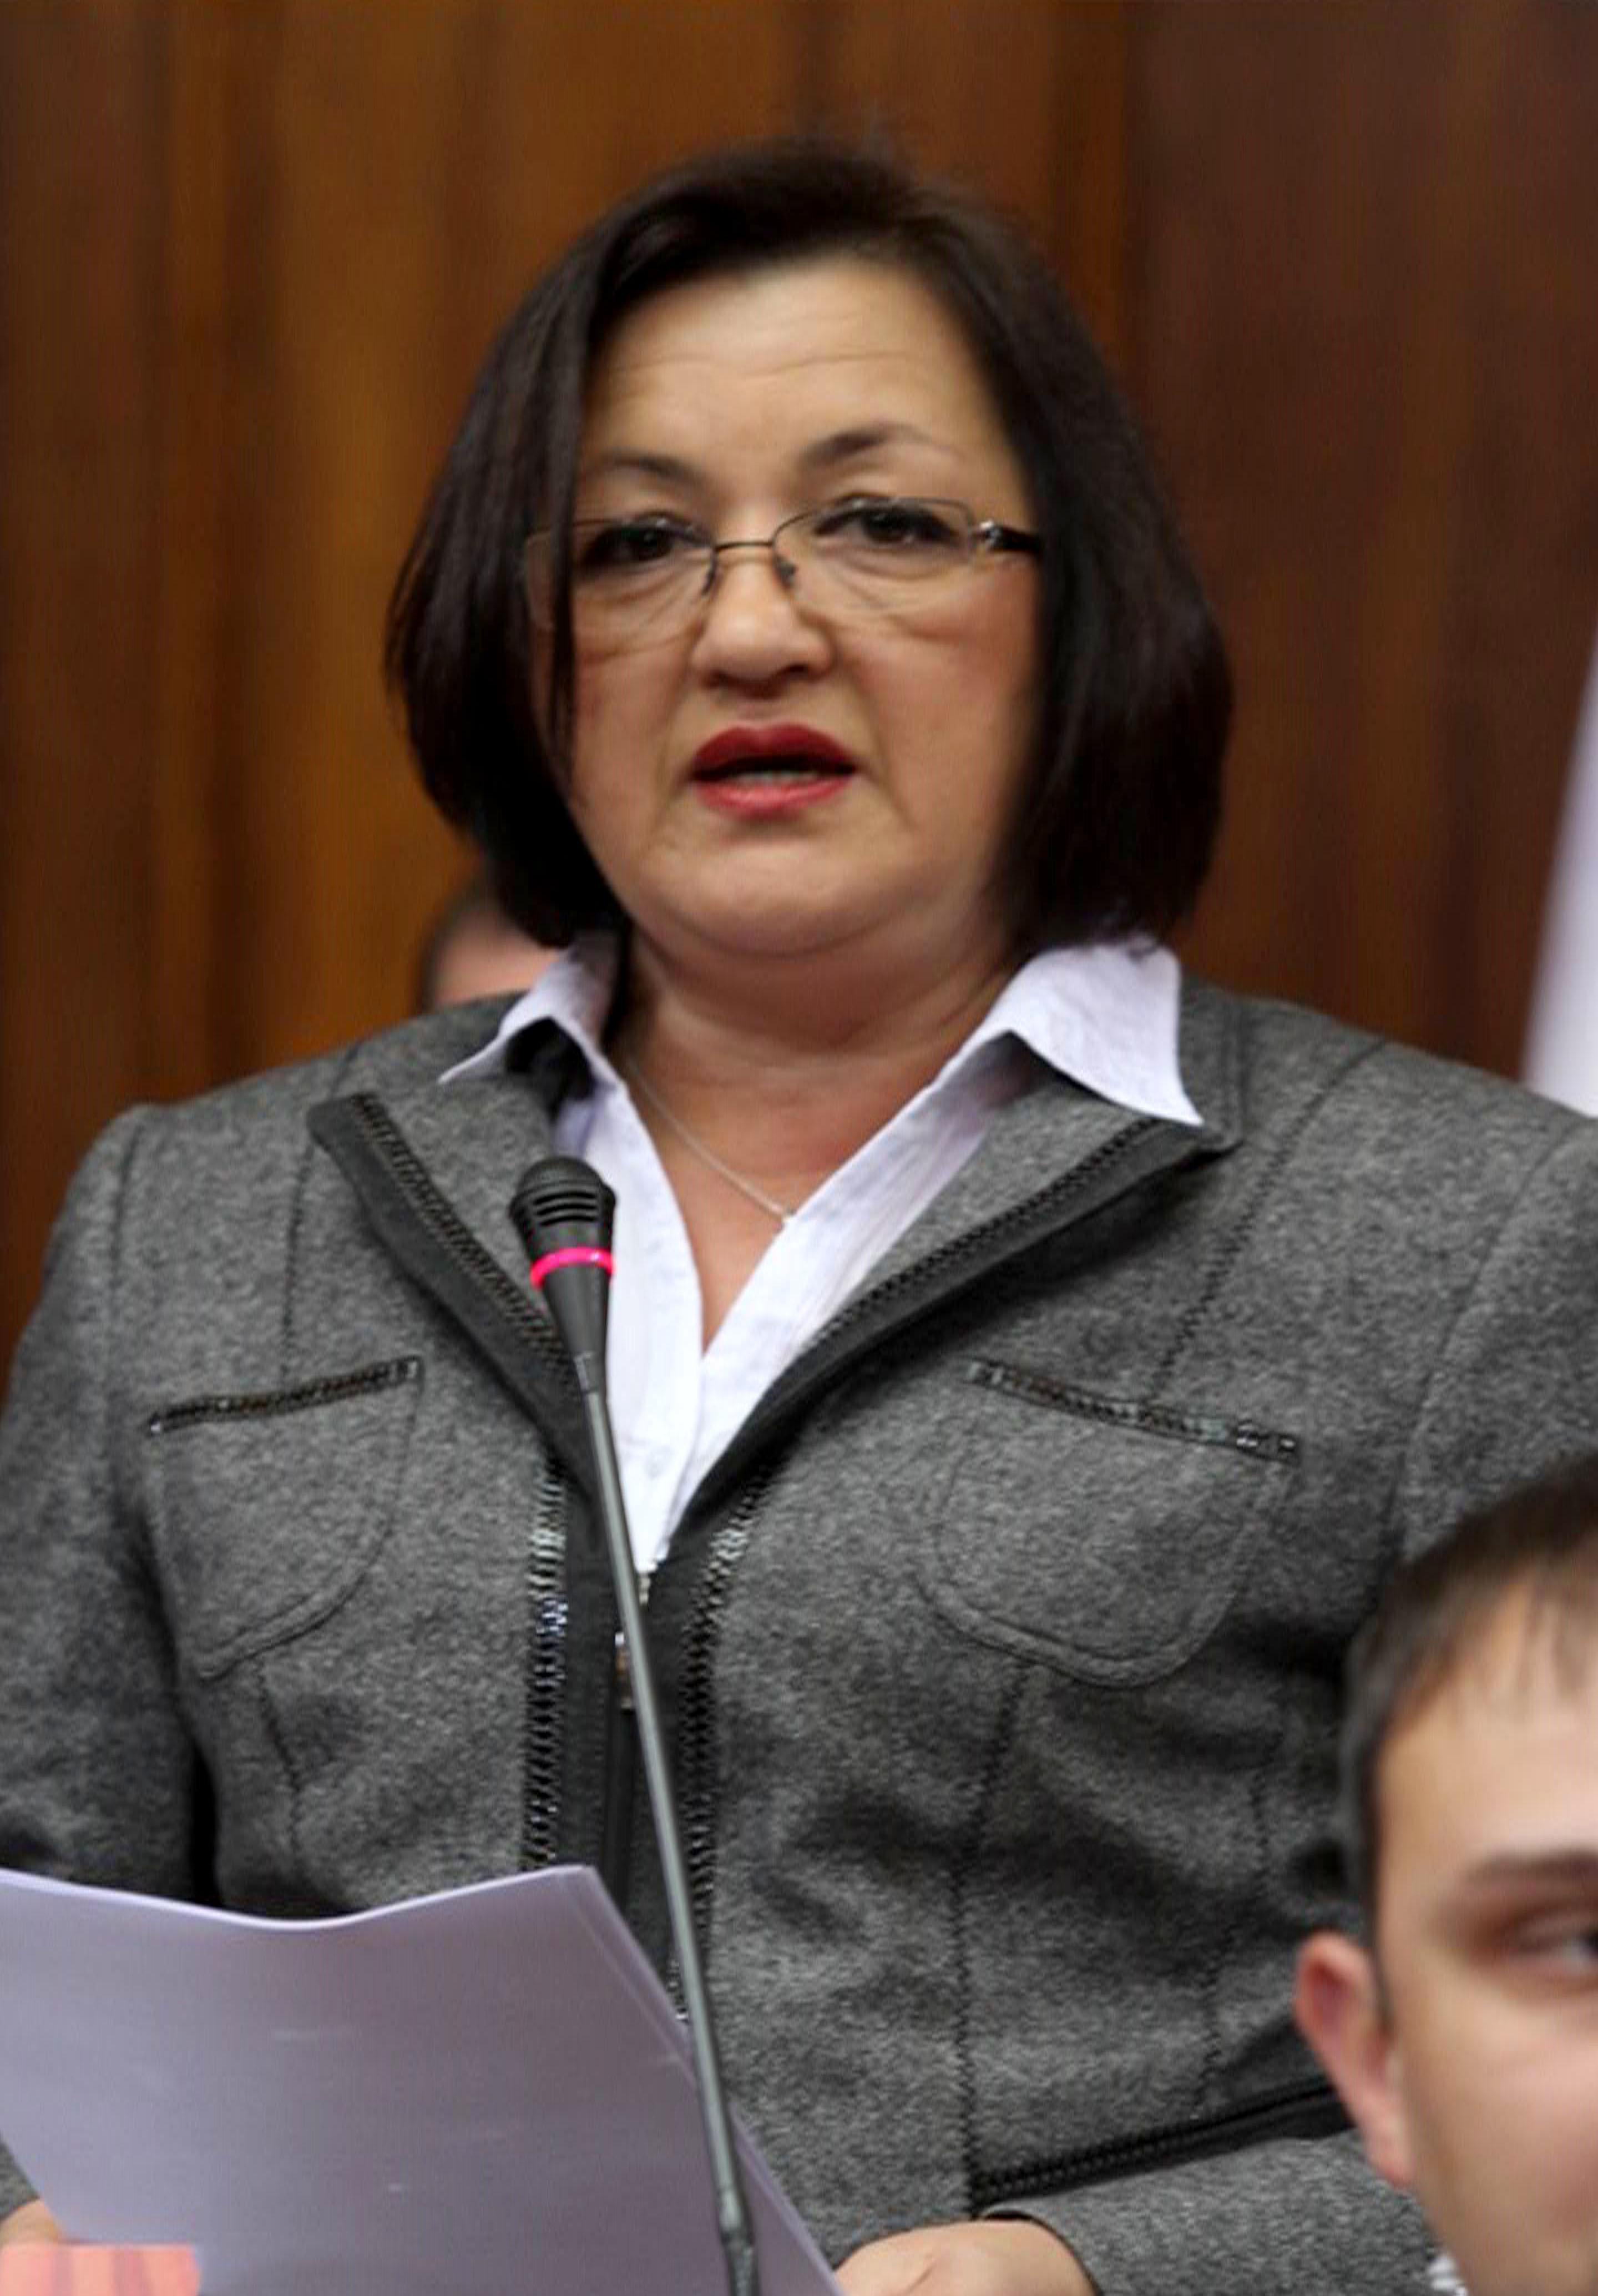 skupstina1 - ministar bogosavljevic boskovic